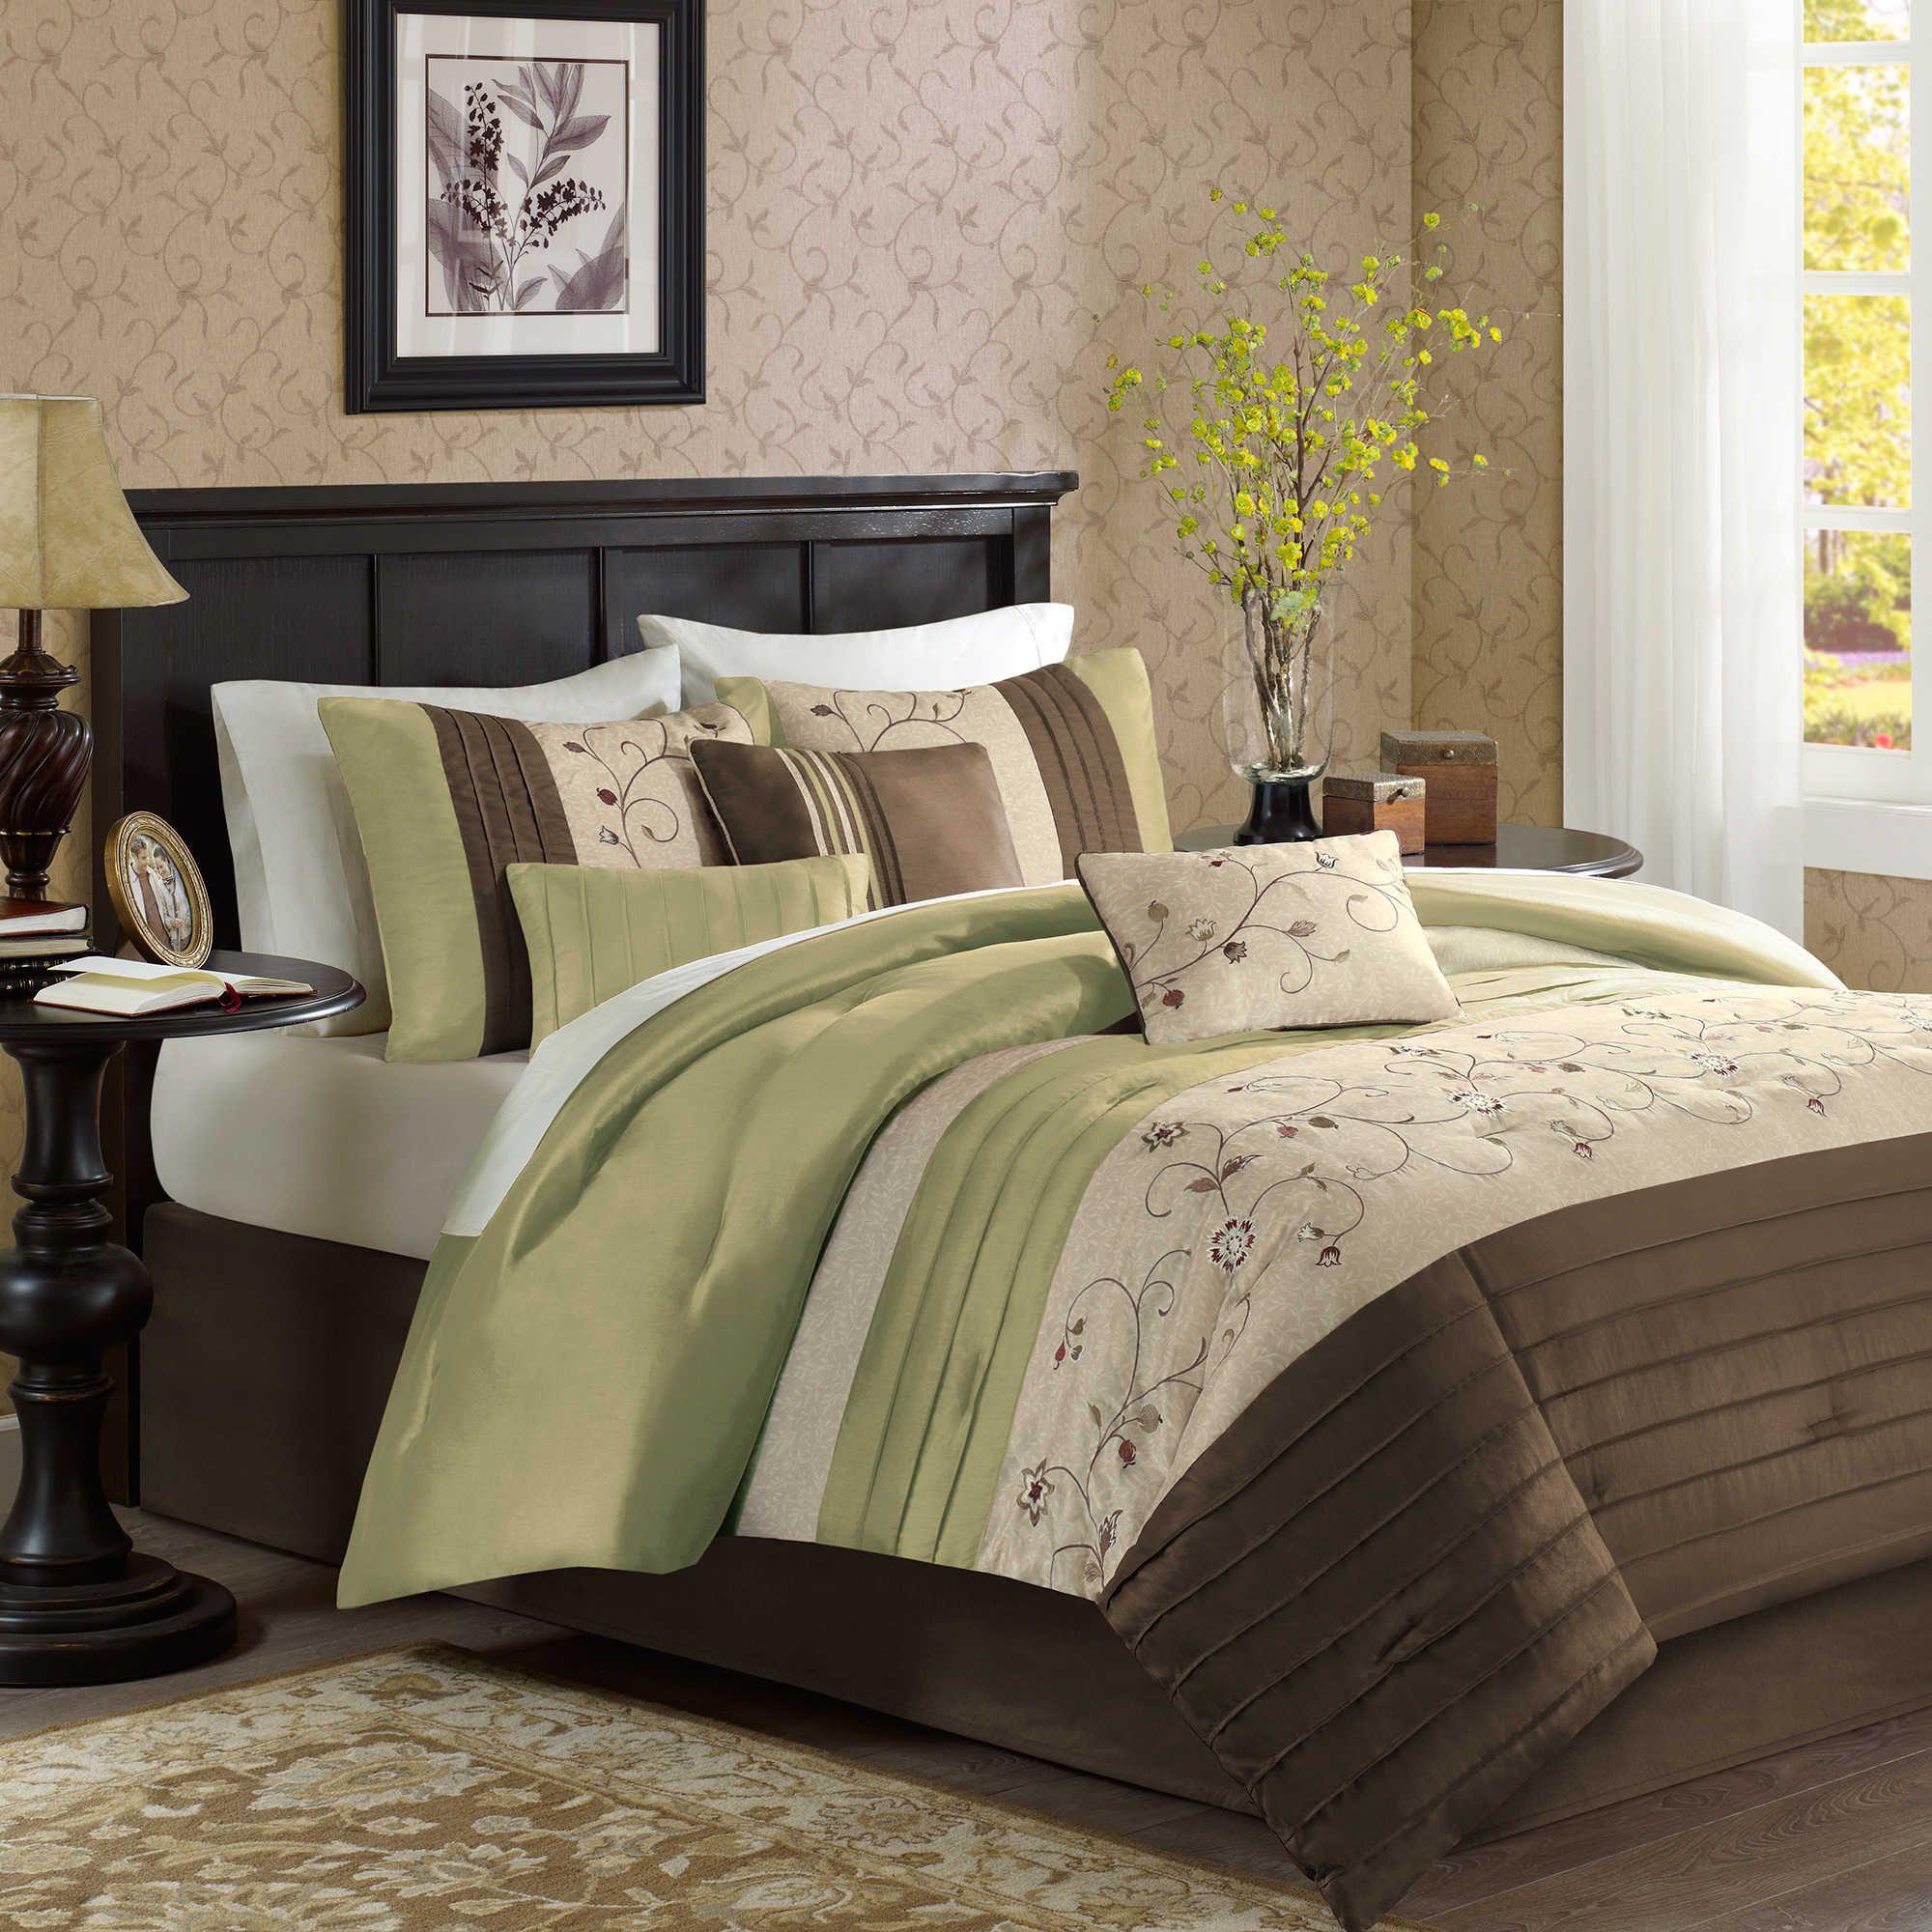 Madison Park Serene 7 Piece Comforter Set Comforter Sets Duvet